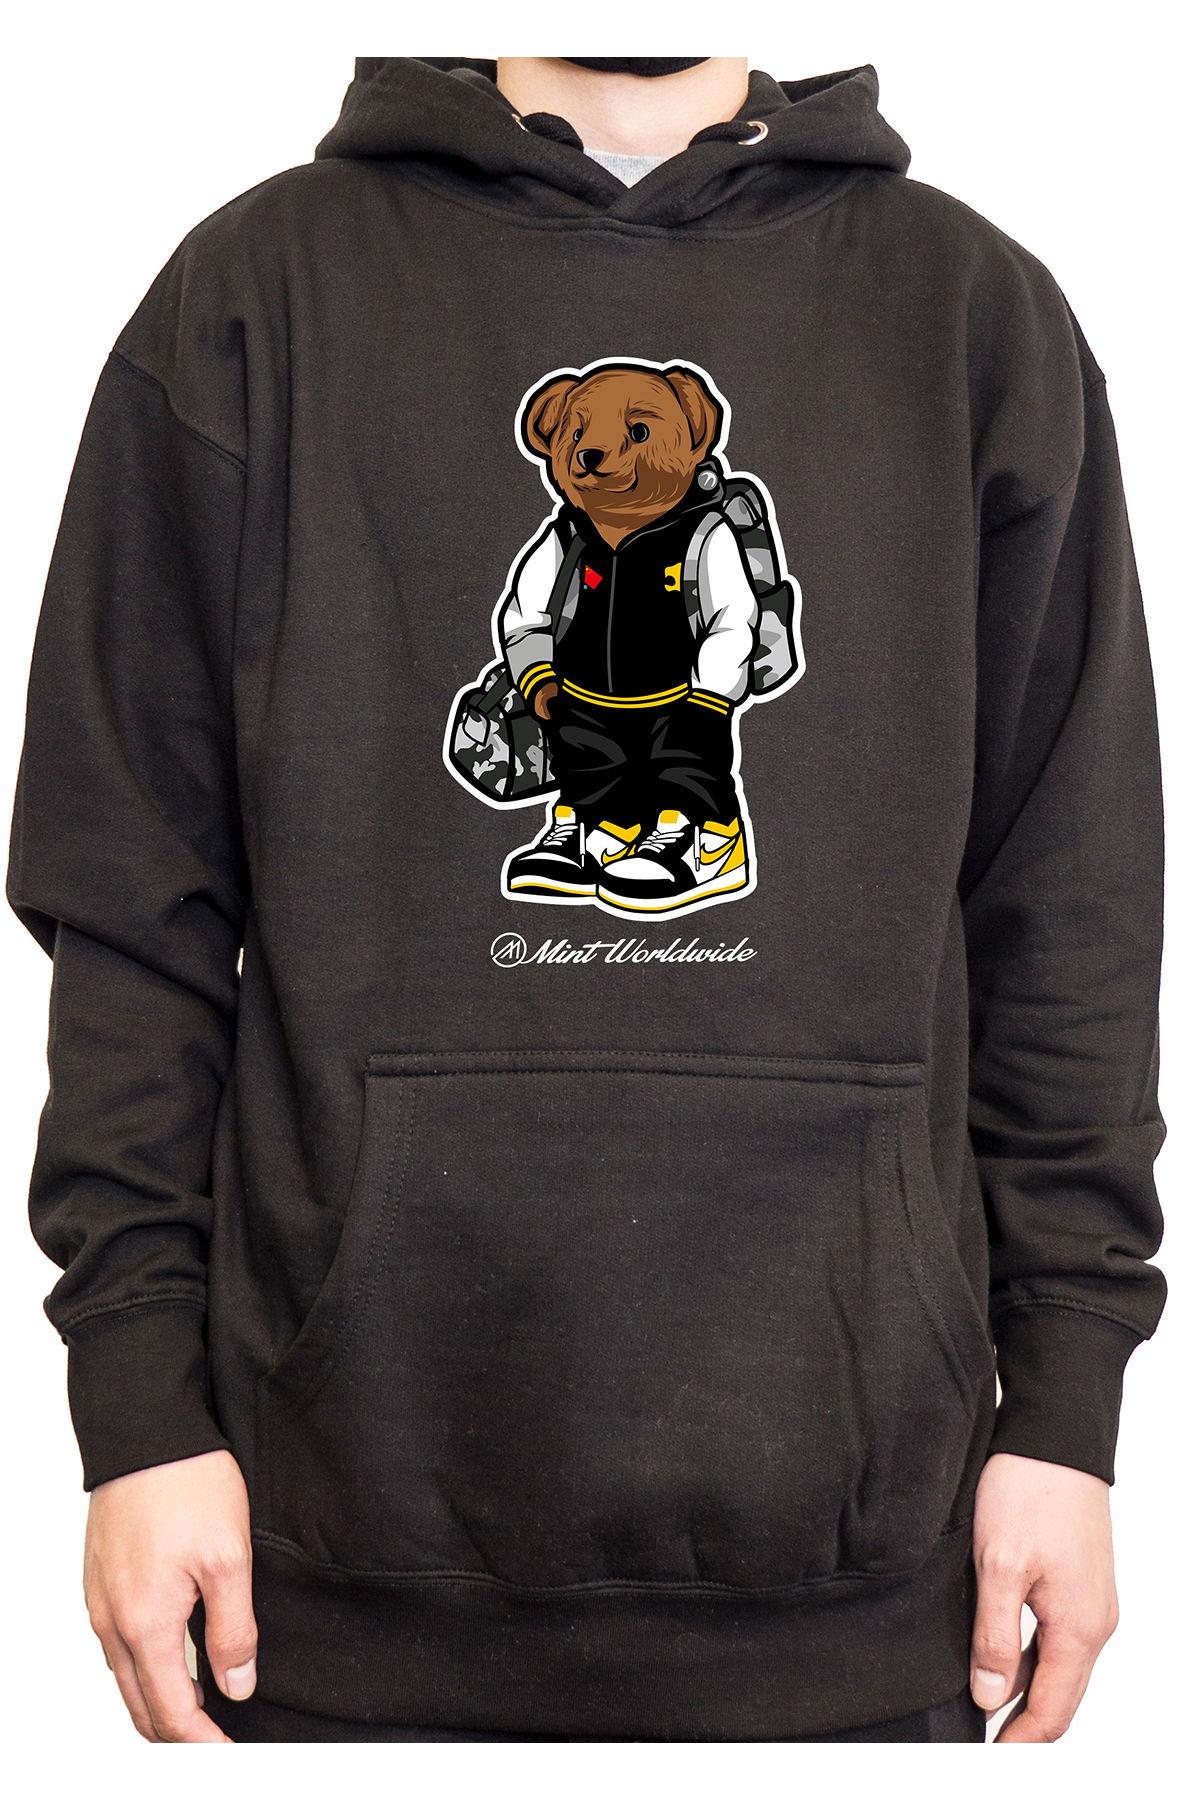 Mint Hoodie Bear Hoodie - Black